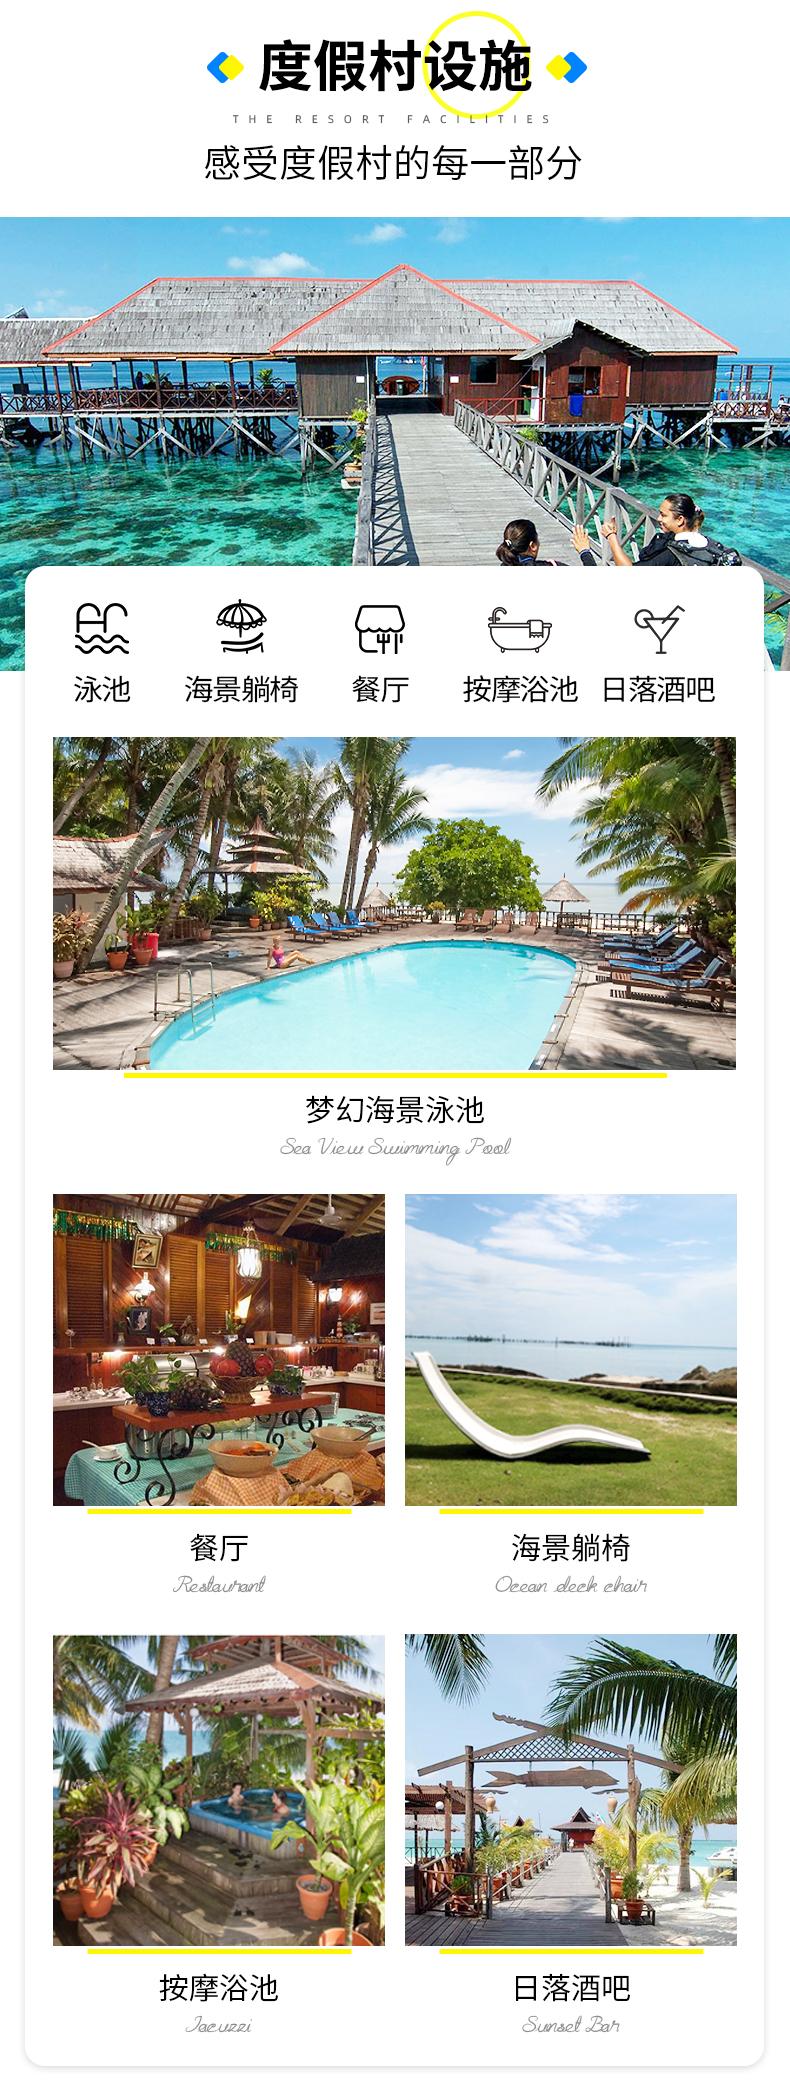 诗巴丹马布潜水度假村 马布岛沙滩屋酒店预定 Mabul SMART 仙本那 潜客